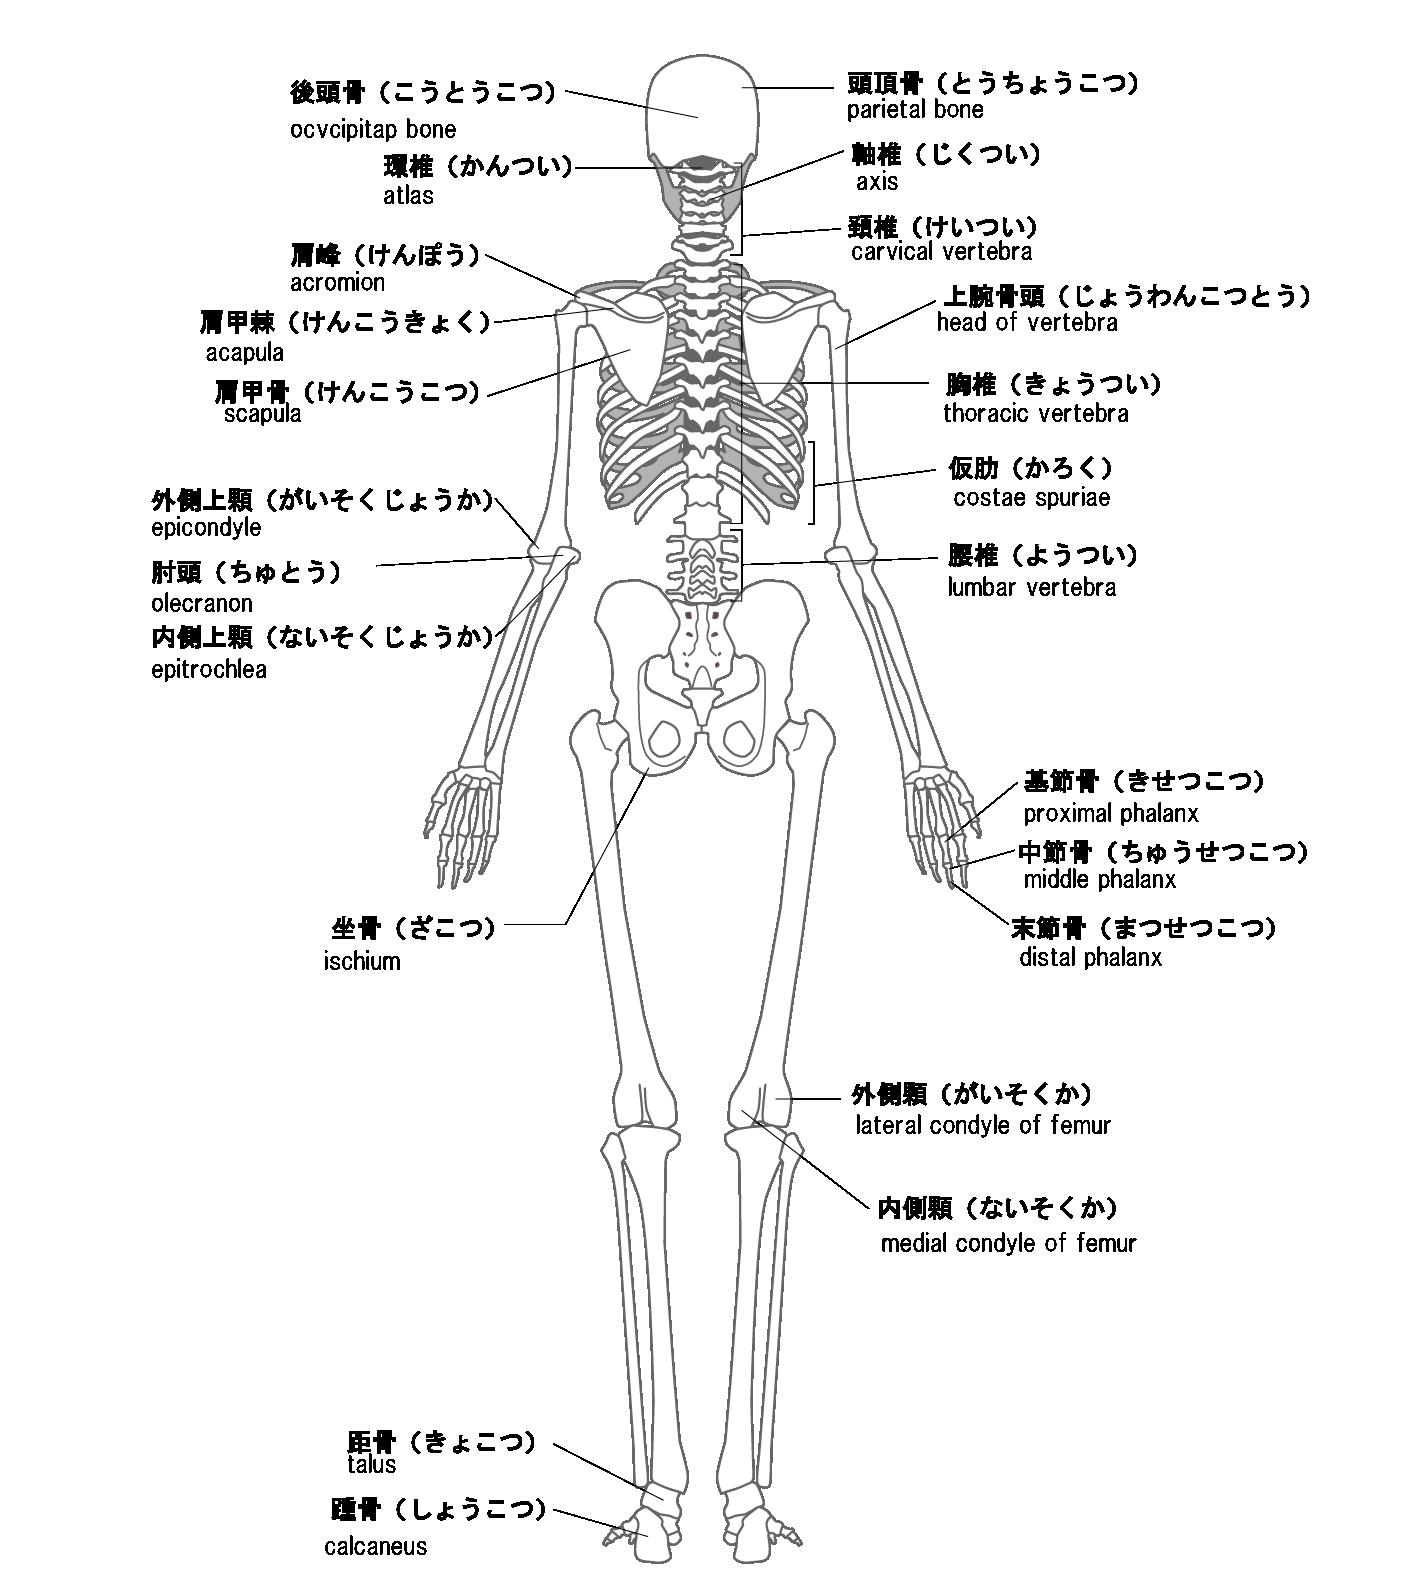 全身の骨矯正 後ろ